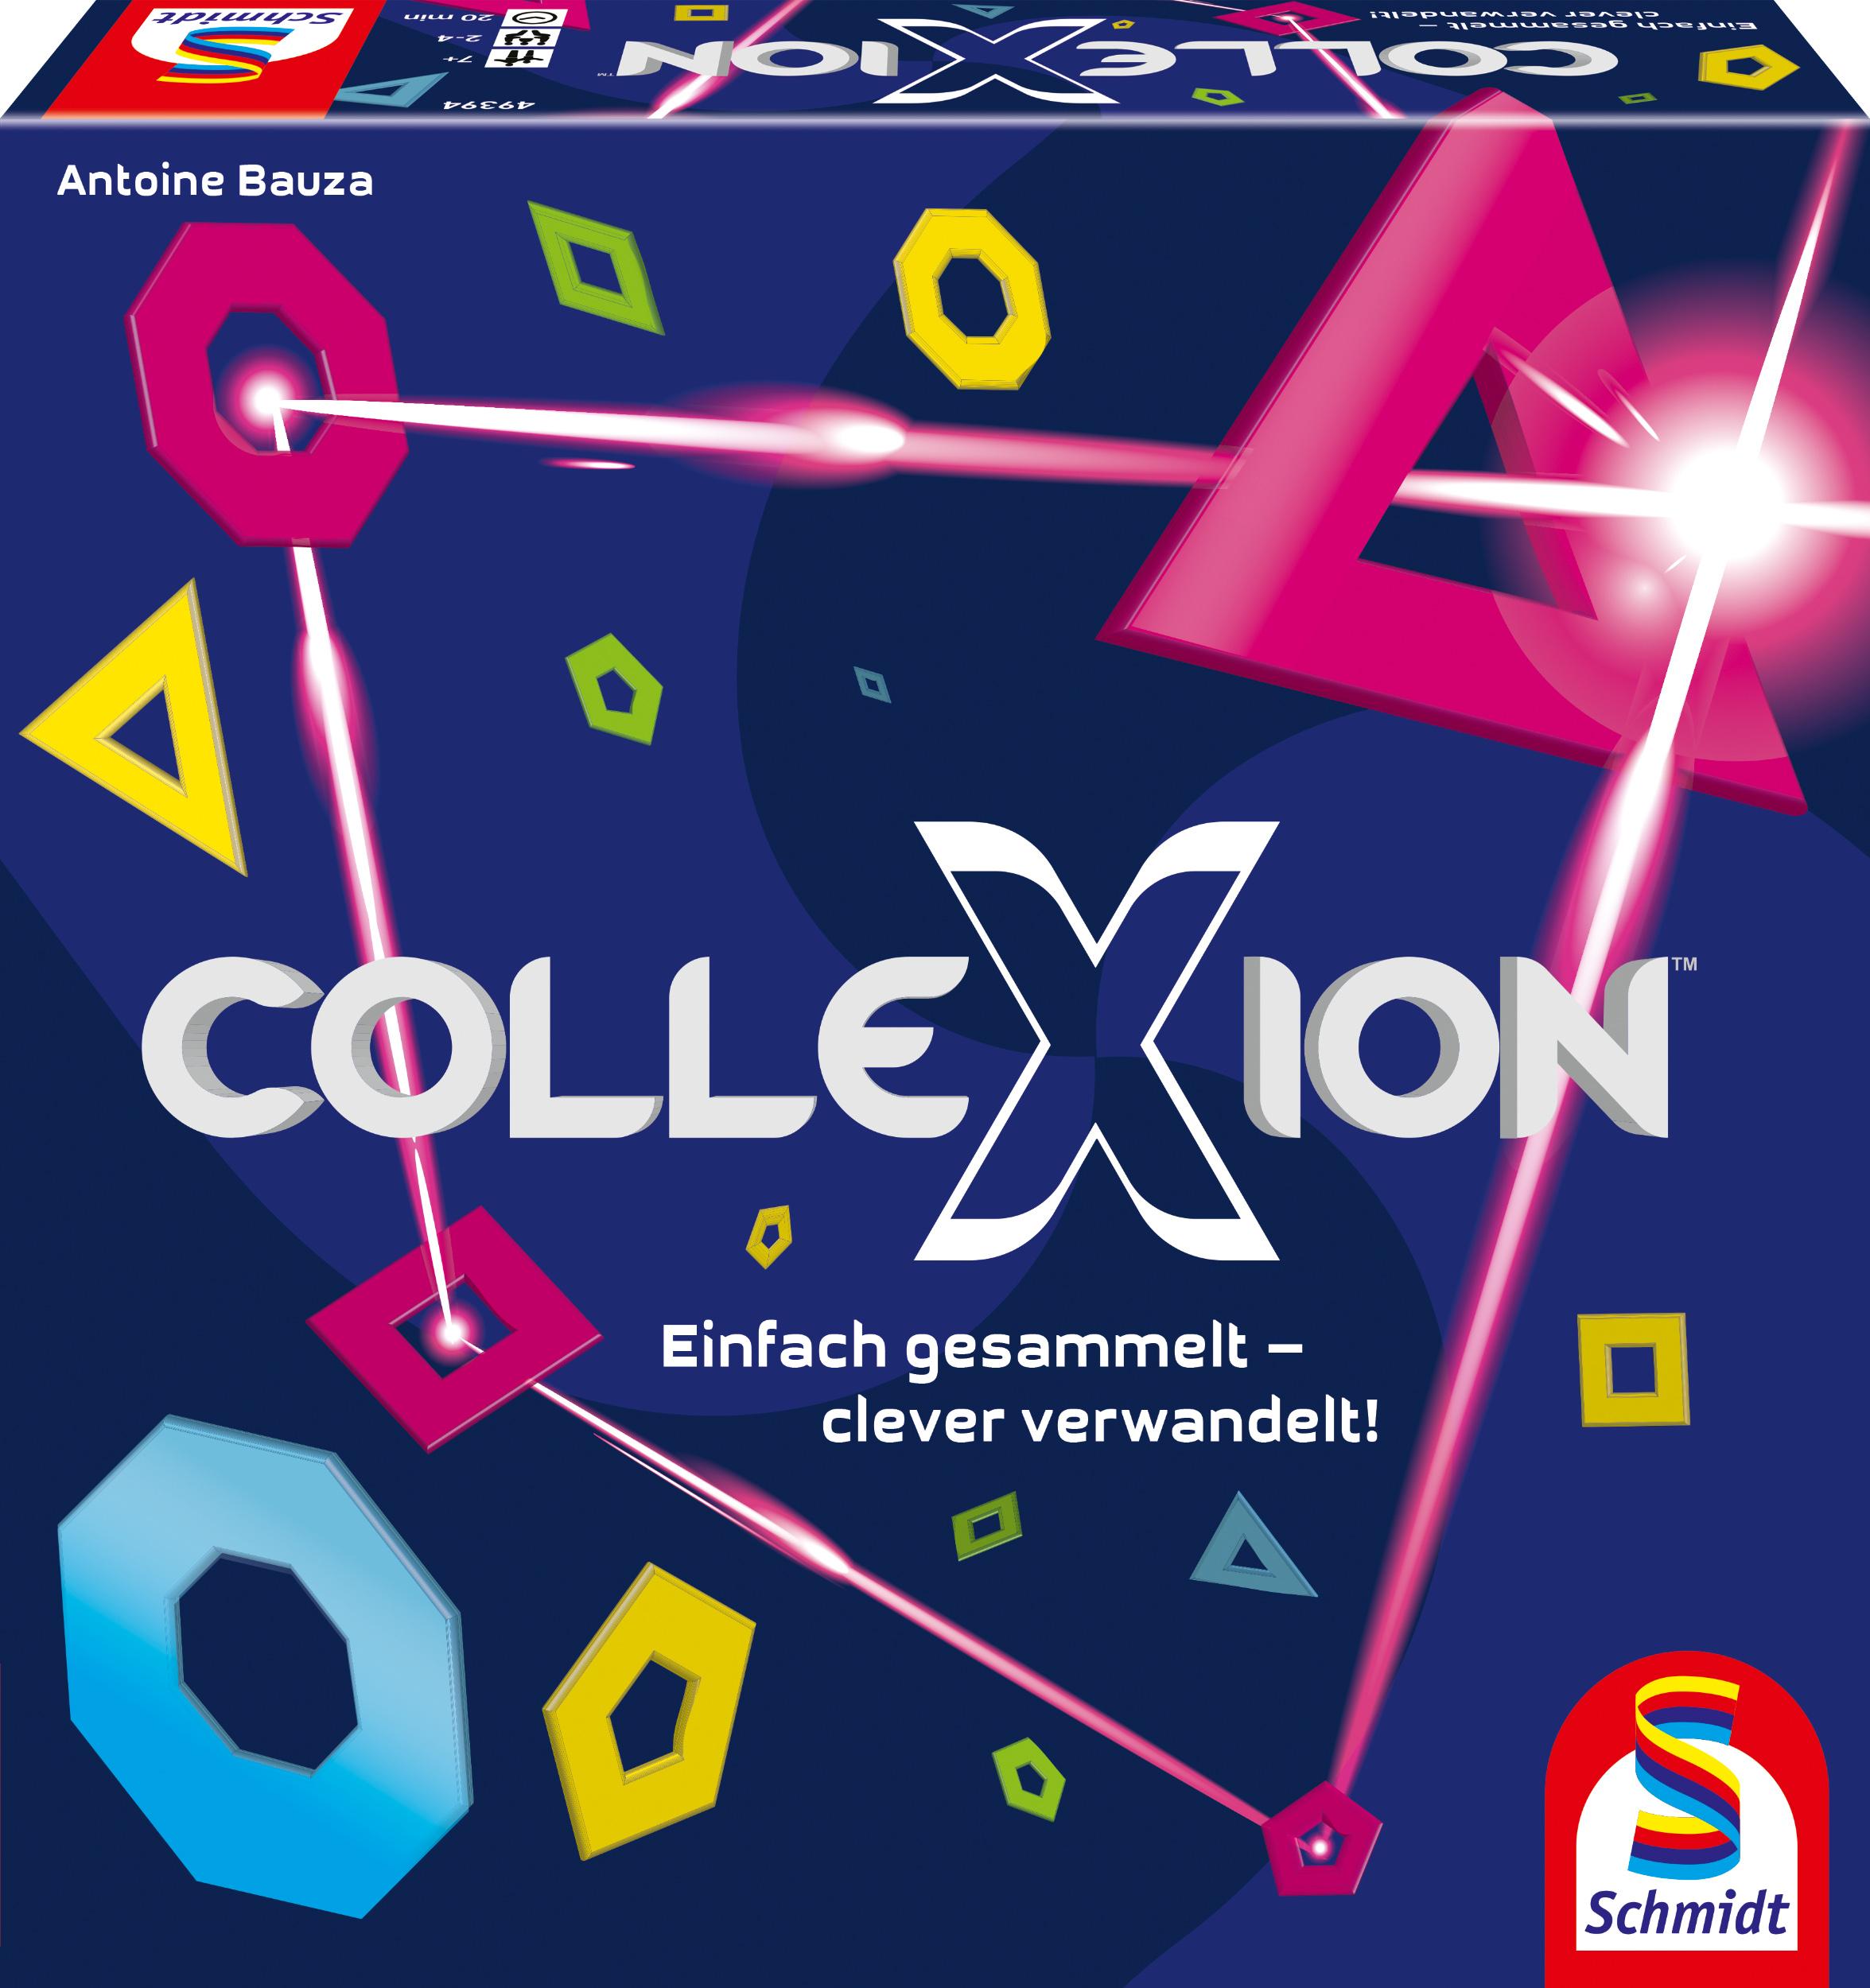 49394_Collexion_DECKEL_DC_FK_01